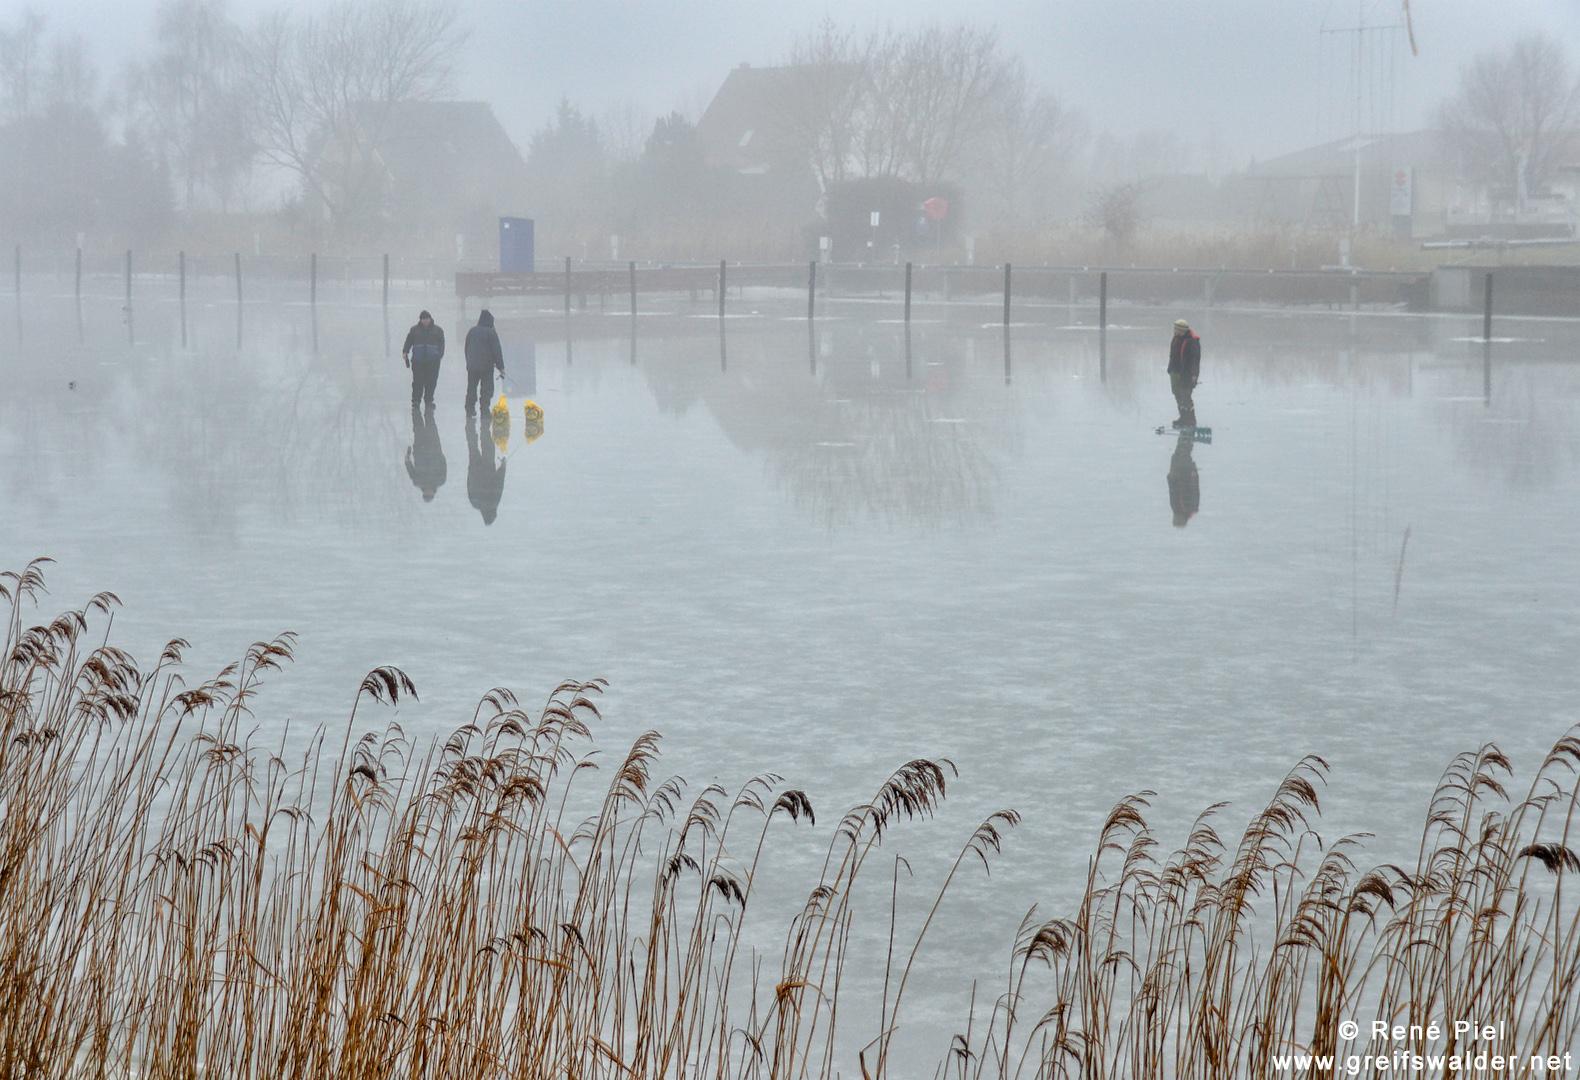 Auf dünnem Eis - Eisangler bei Tauwetter und Nebel